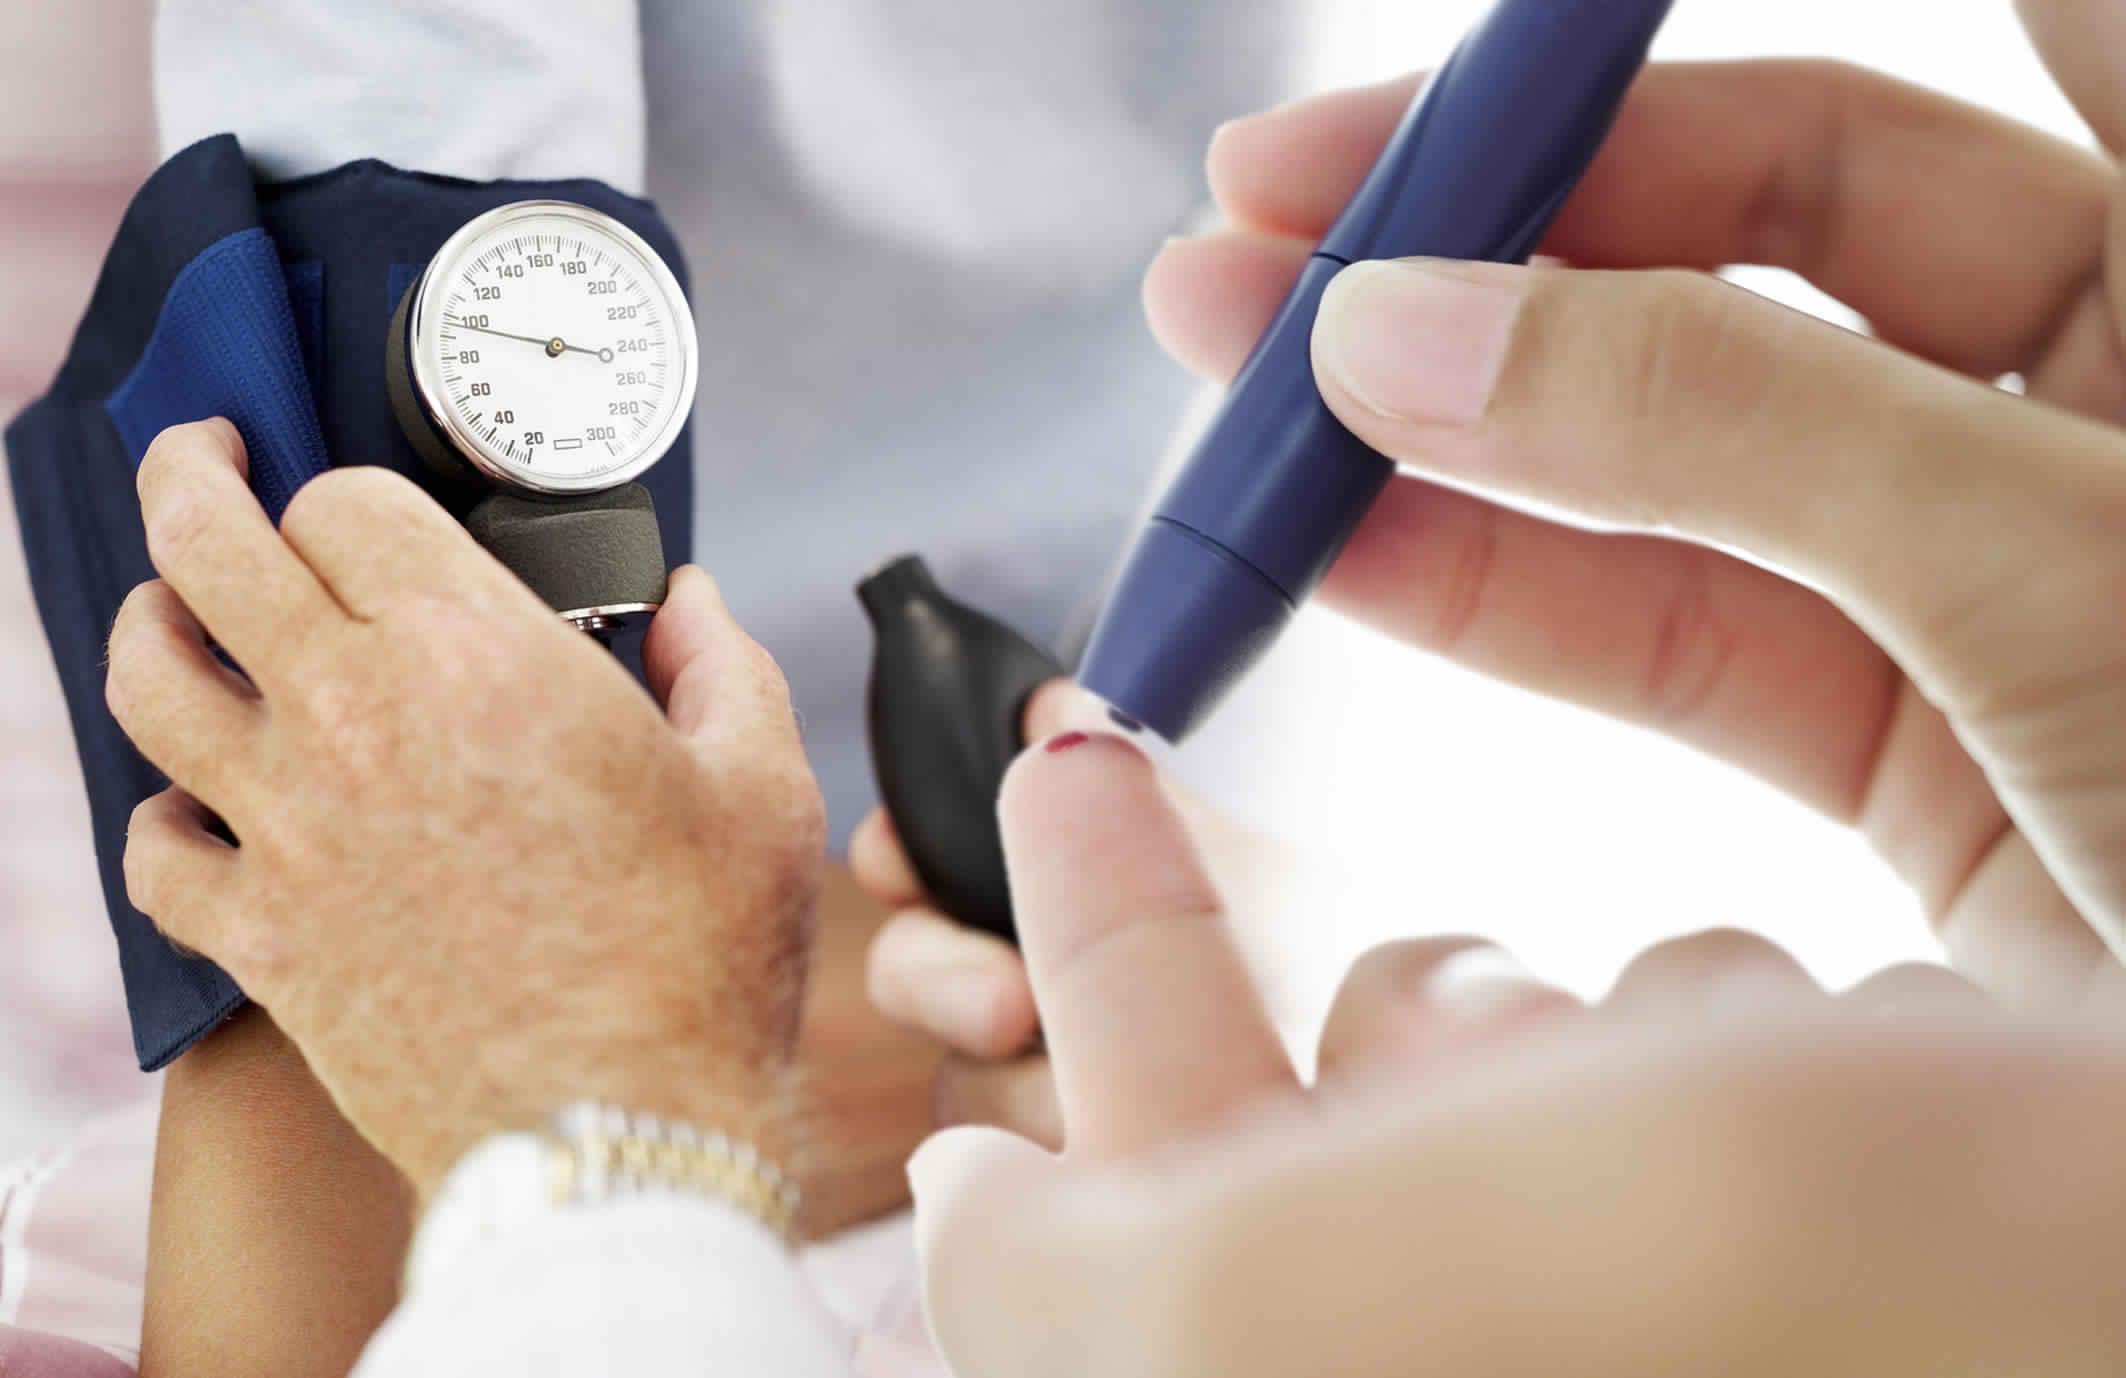 نصائح التغذية الصحيحة لمرضى السكري.